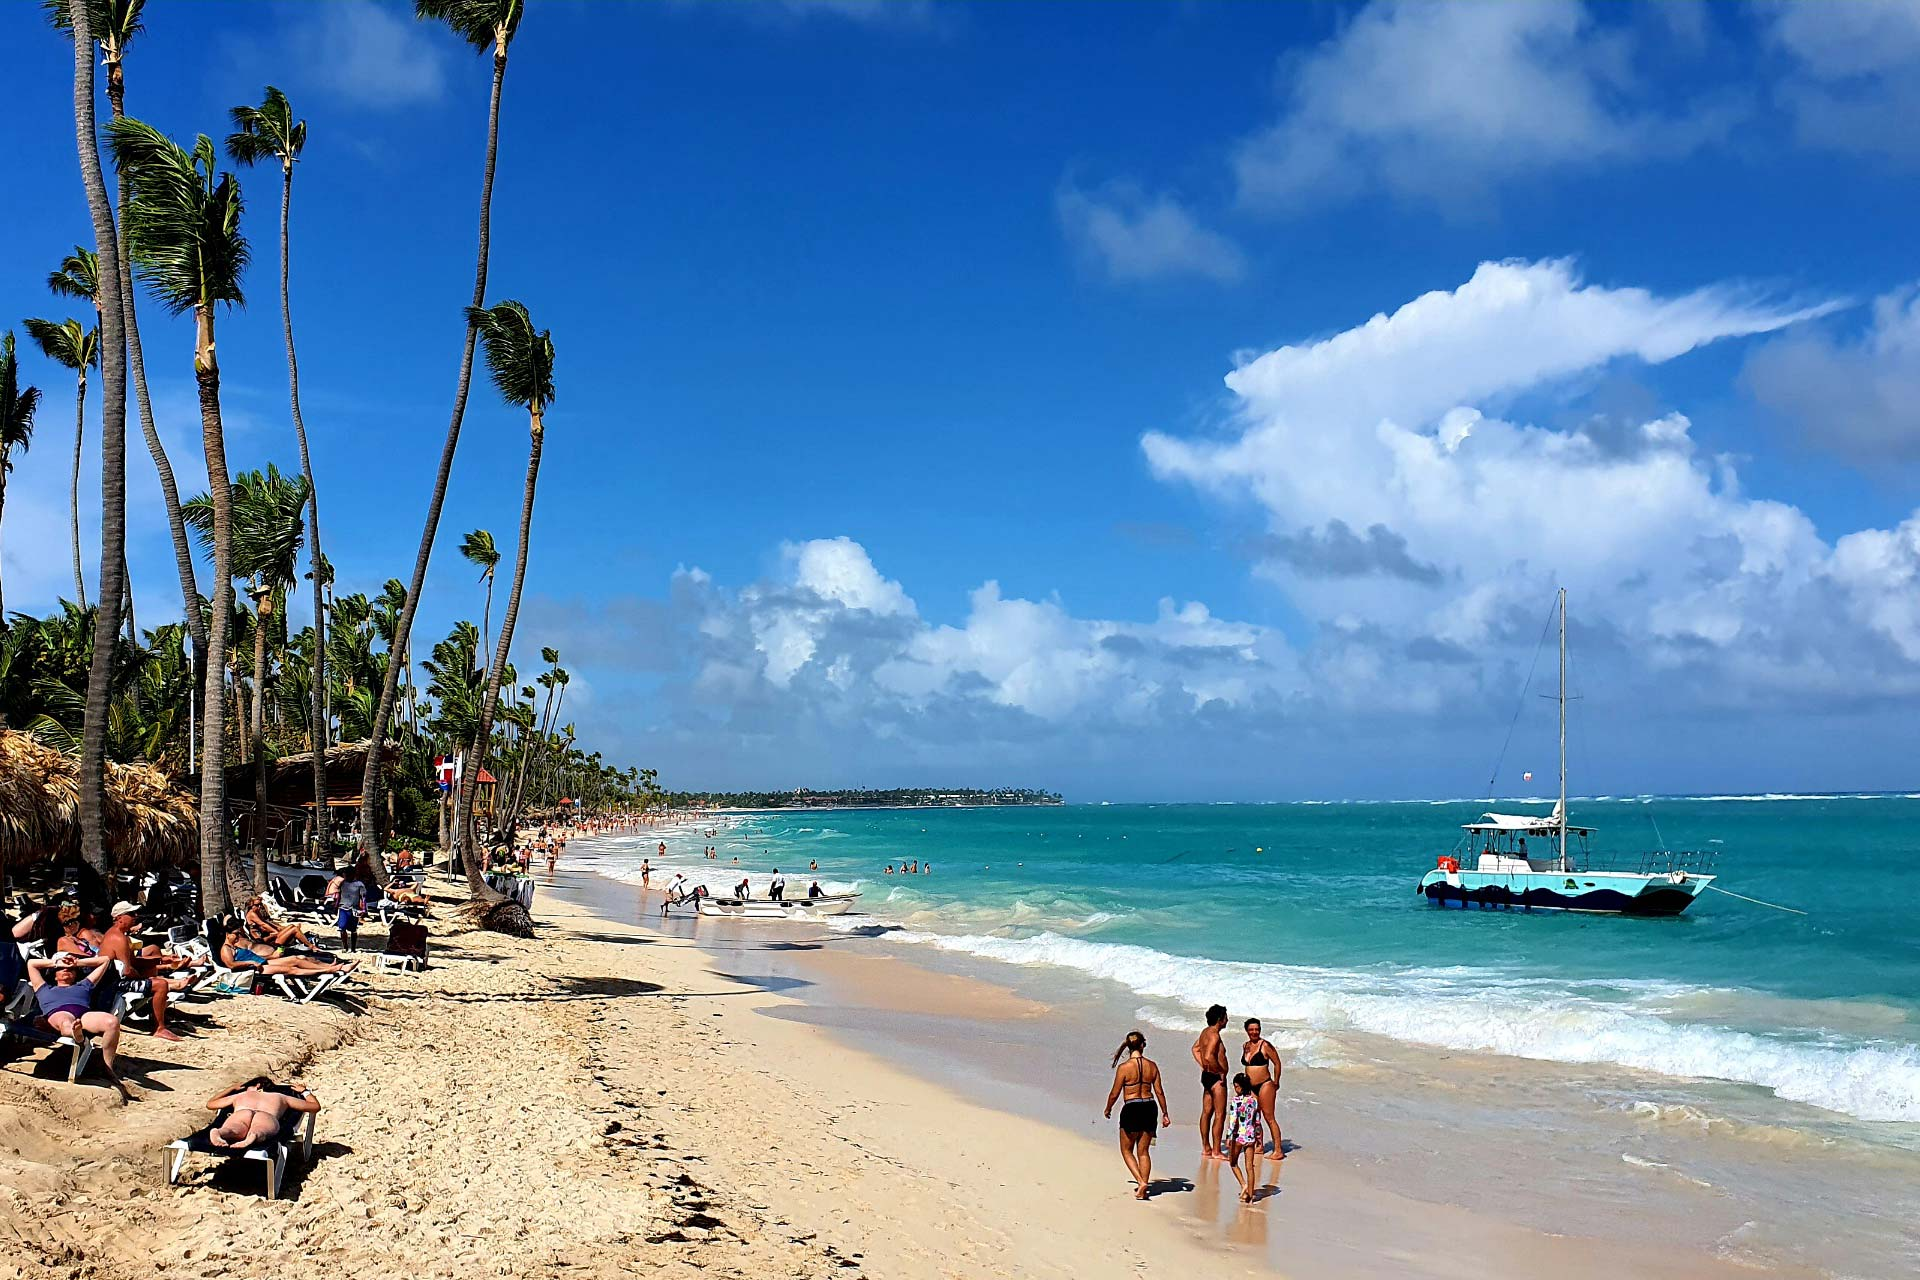 An der Reisewarnung vorbeifliegen:  Sieben Traumstrände, an denen Urlaub jetzt möglich ist